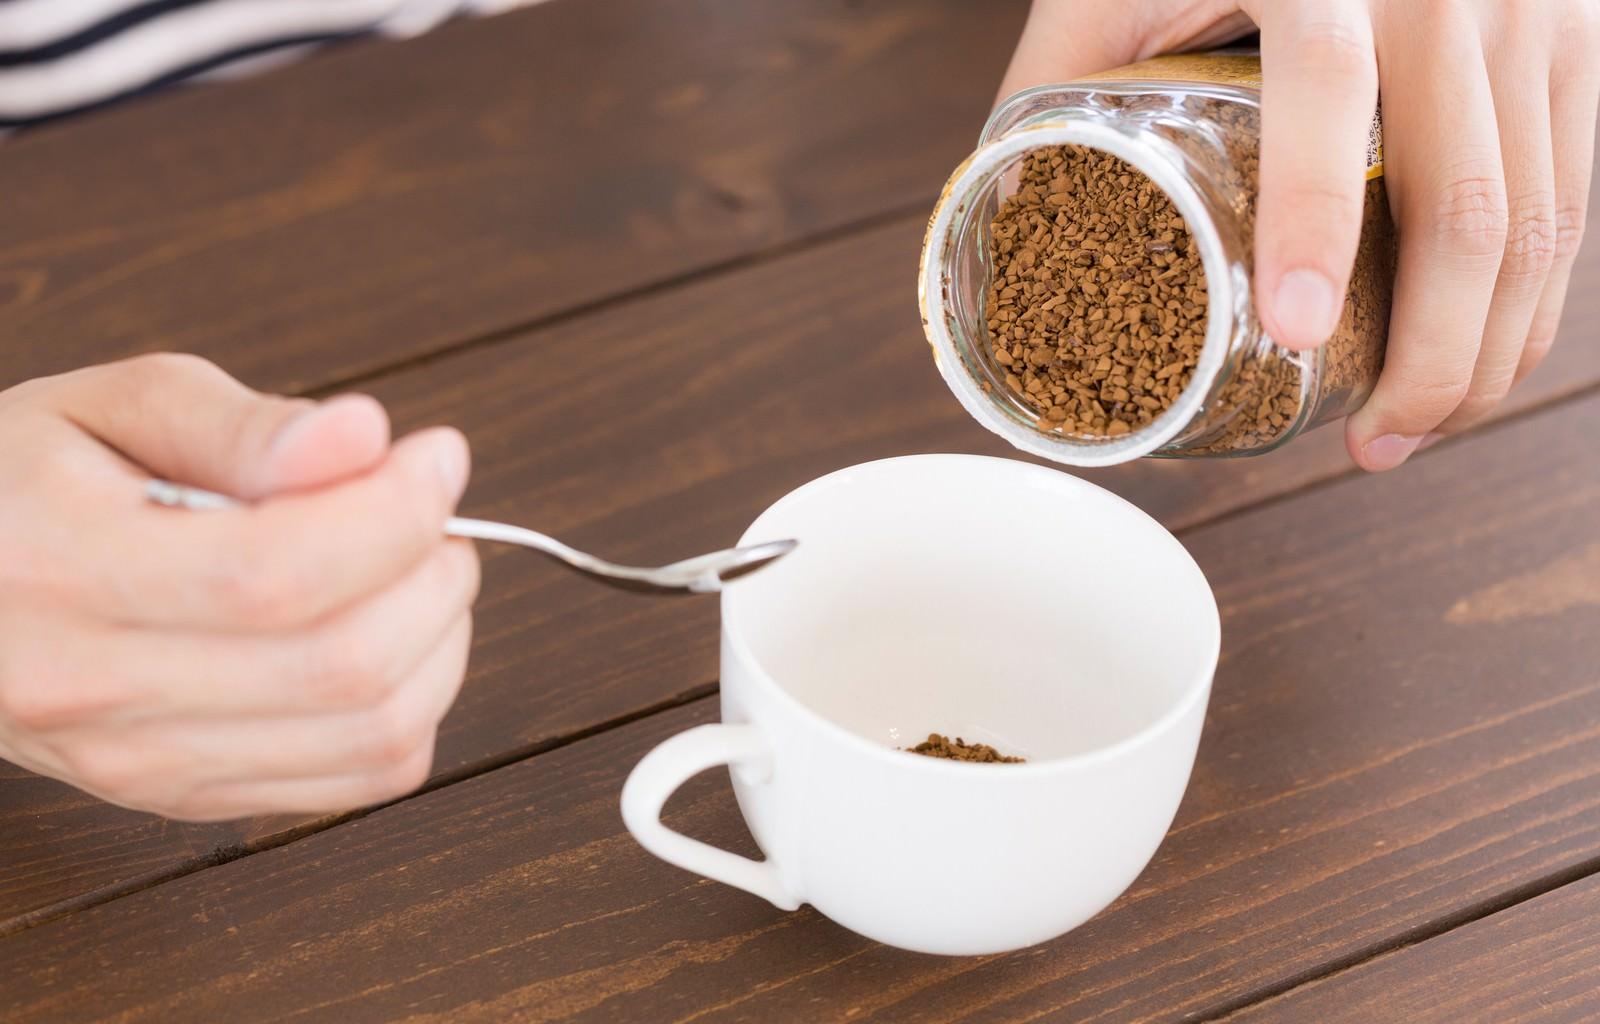 「インスタントコーヒーは濃い目がお好きインスタントコーヒーは濃い目がお好き」[モデル:大川竜弥]のフリー写真素材を拡大